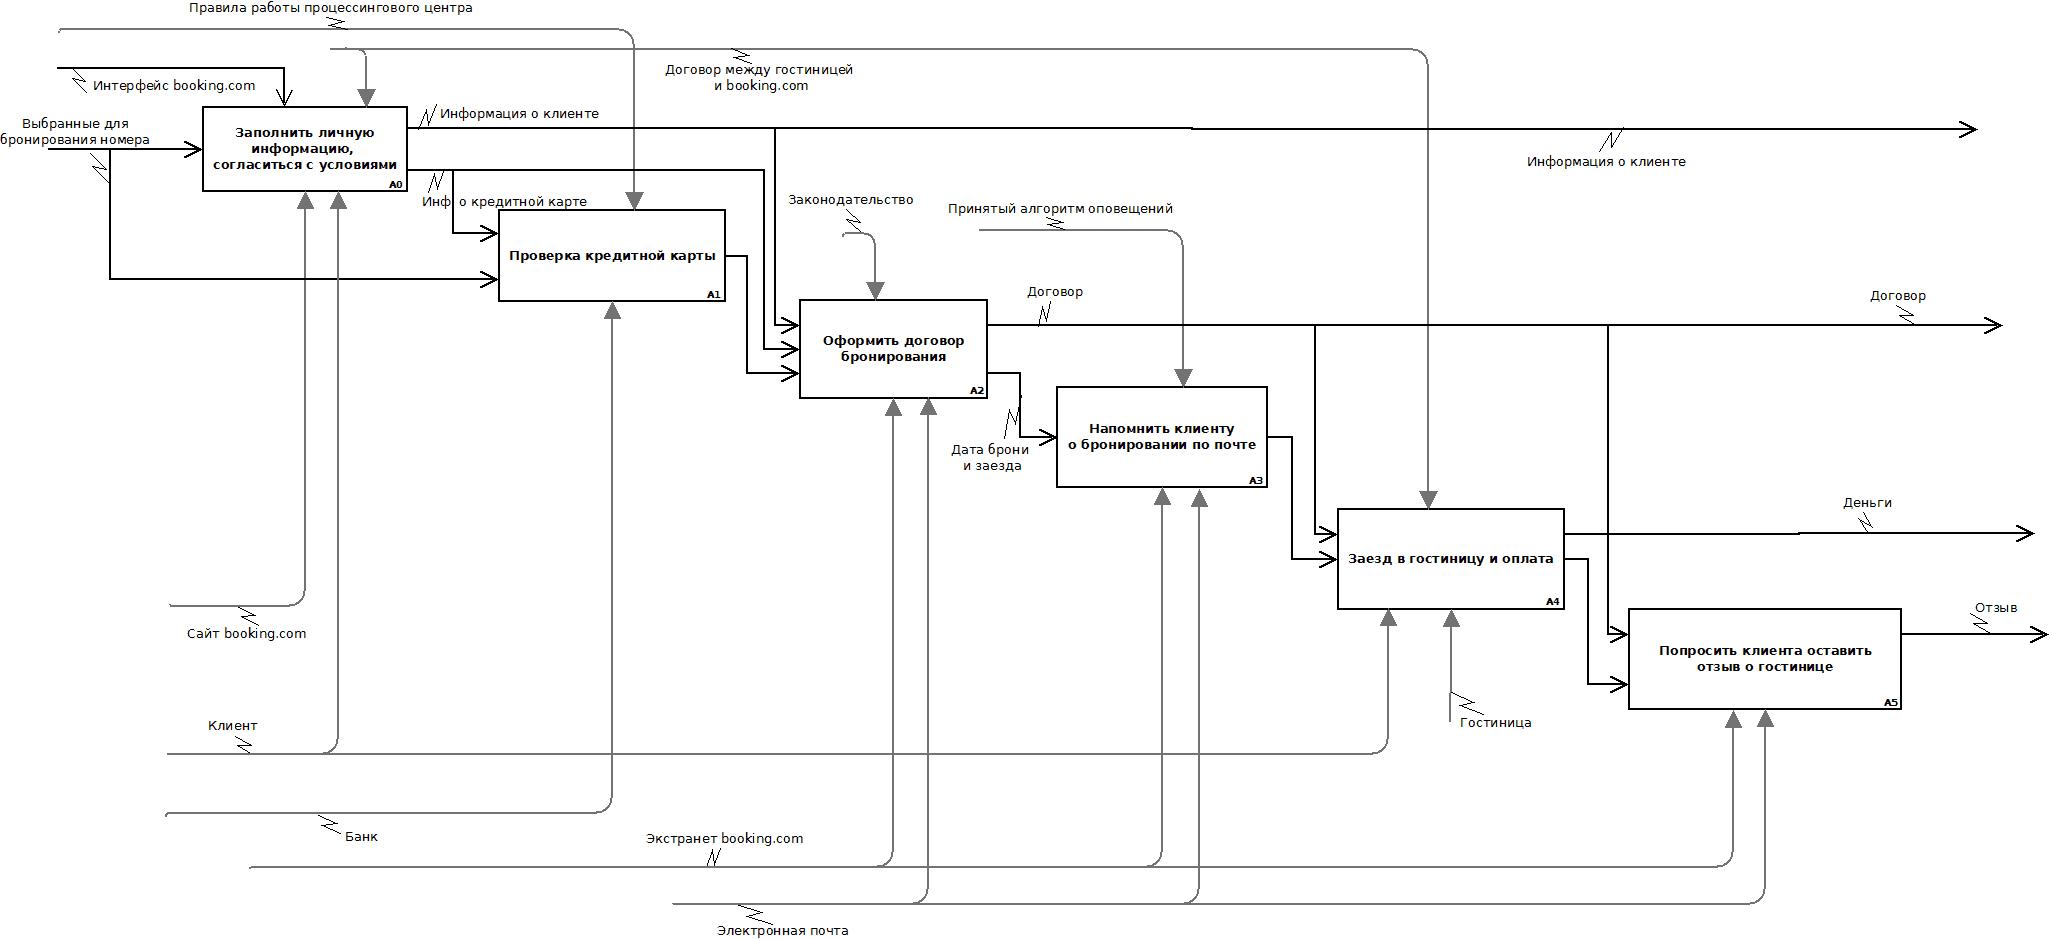 Схема работы туроператора с предприятиями гостиничной индустрии